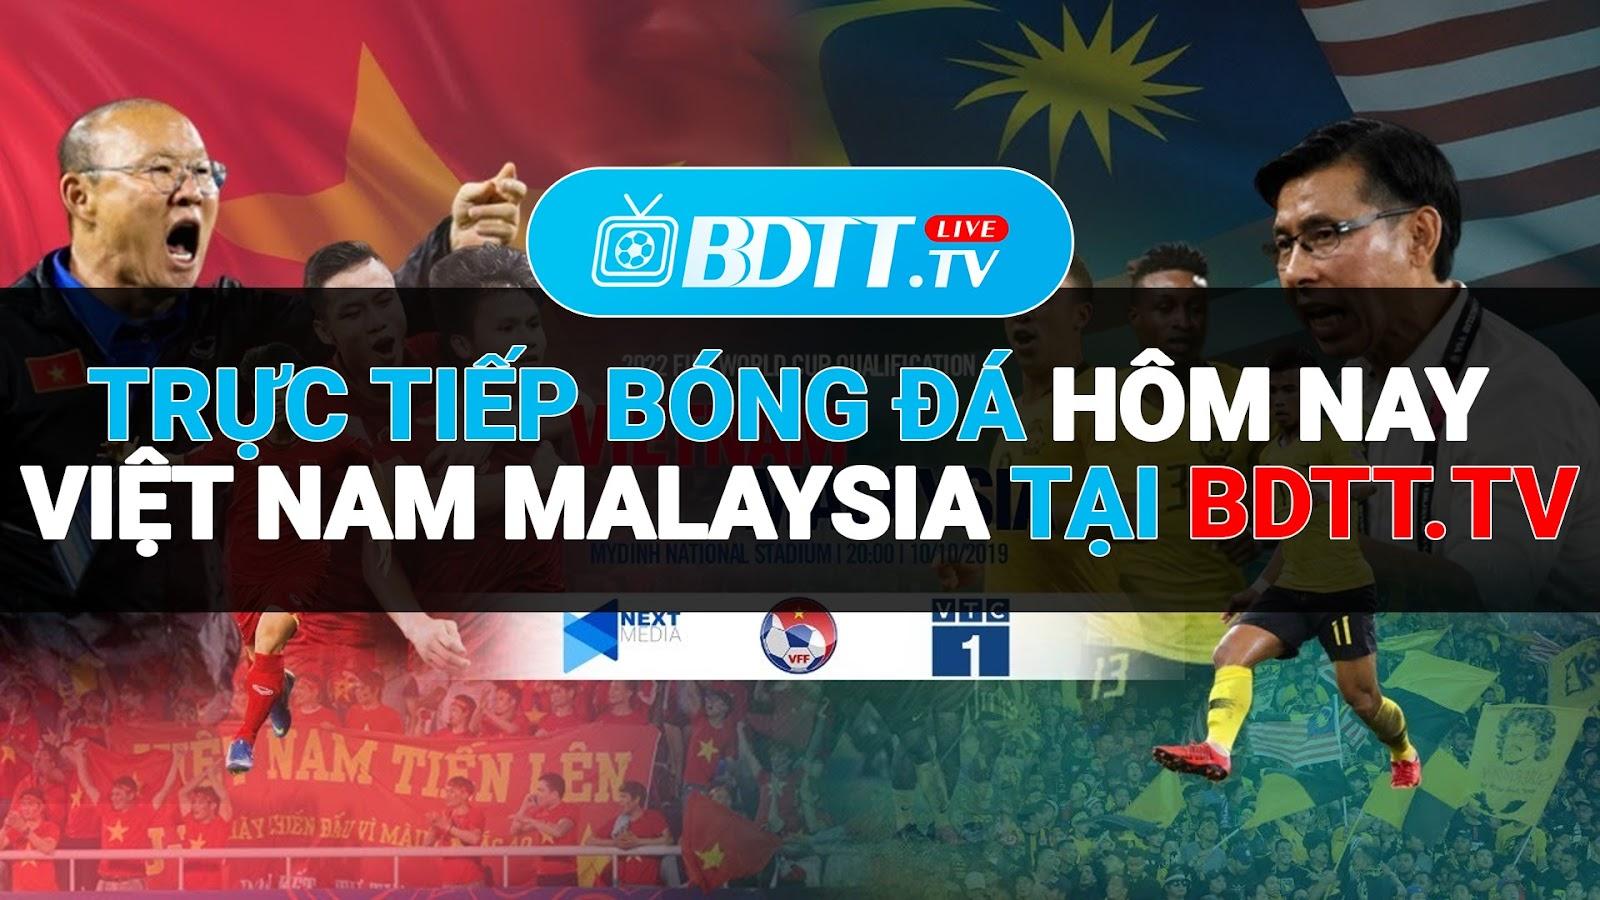 BDTT.tv là trang web giúp bạn thỏa mãn những đam mê về bóng đá, cảm nhận trực tiếp những trận đấu hay với chất lượng, hình ảnh, âm thanh, tốc độ truyền tải trên cả tuyệt vời, giúp bạn hòa quyện con tim của mình cùng thế giới bóng đá.